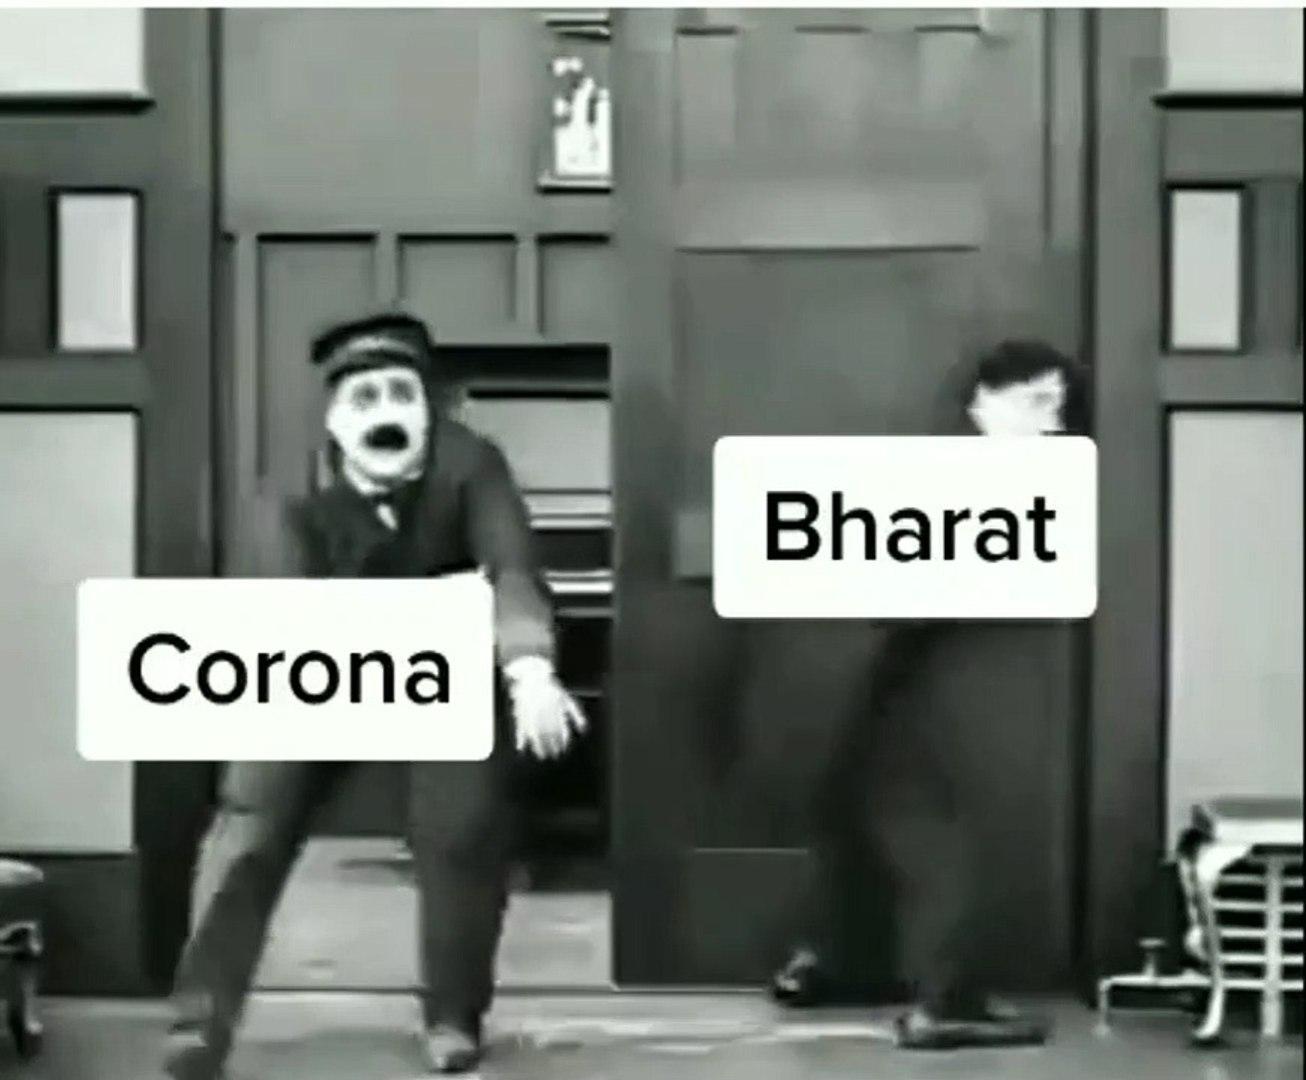 Corona in India